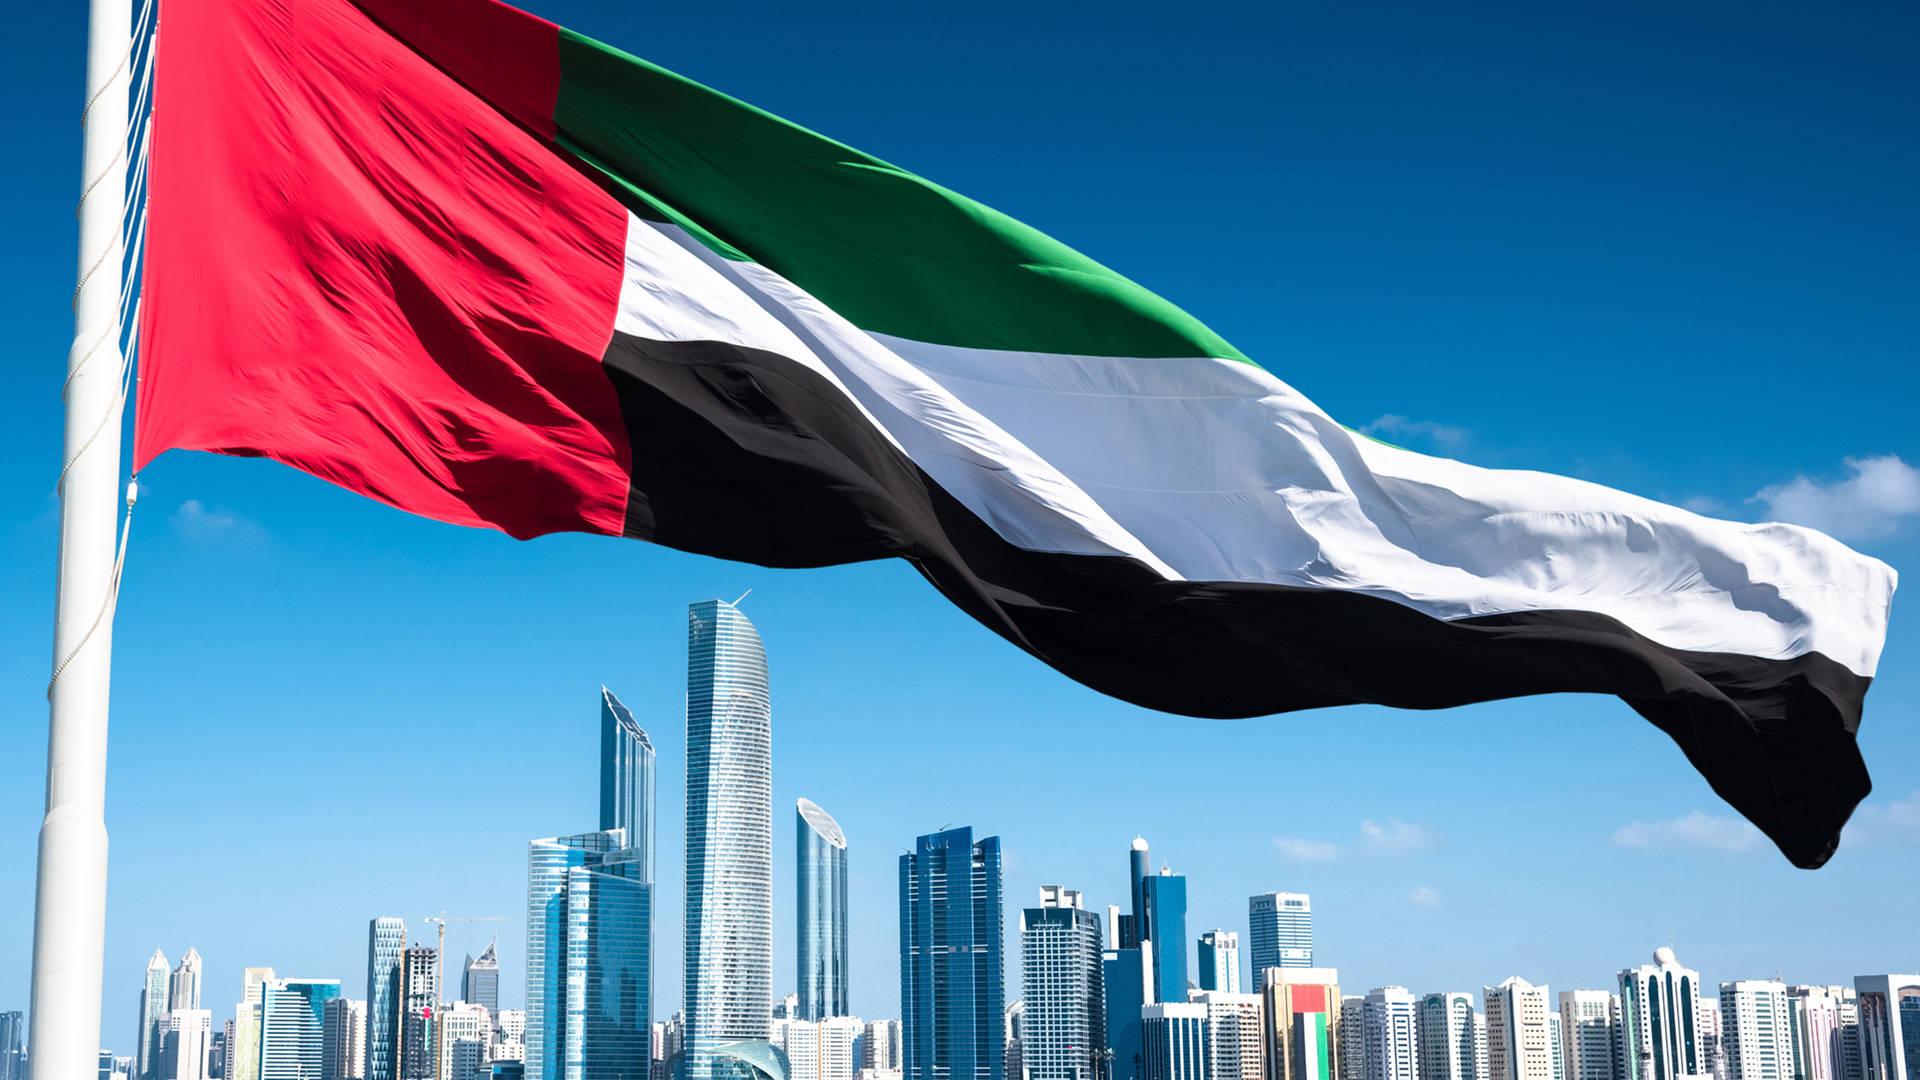 Ngày Quốc khánh của UAE được tổ chức vào 2/12. Năm nay, đất nước này sẽ tròn 50 năm thành lập. UAE gồm 7 tiểu vương quốc: Abu Dhabi, Dubai, Sharjah, Ras al-Khaimah, Ajman, Umm al-Quwain và Fujairah và được thành lập dưới sự lãnh đạo của tiểu vương Dubai khi đó là Sheikh Zayed bin Sultan Al Nahyan. Ông cũng được coi là cha đẻ và là tổng thống đầu tiên của đất nước này. Ảnh: Jumeirah